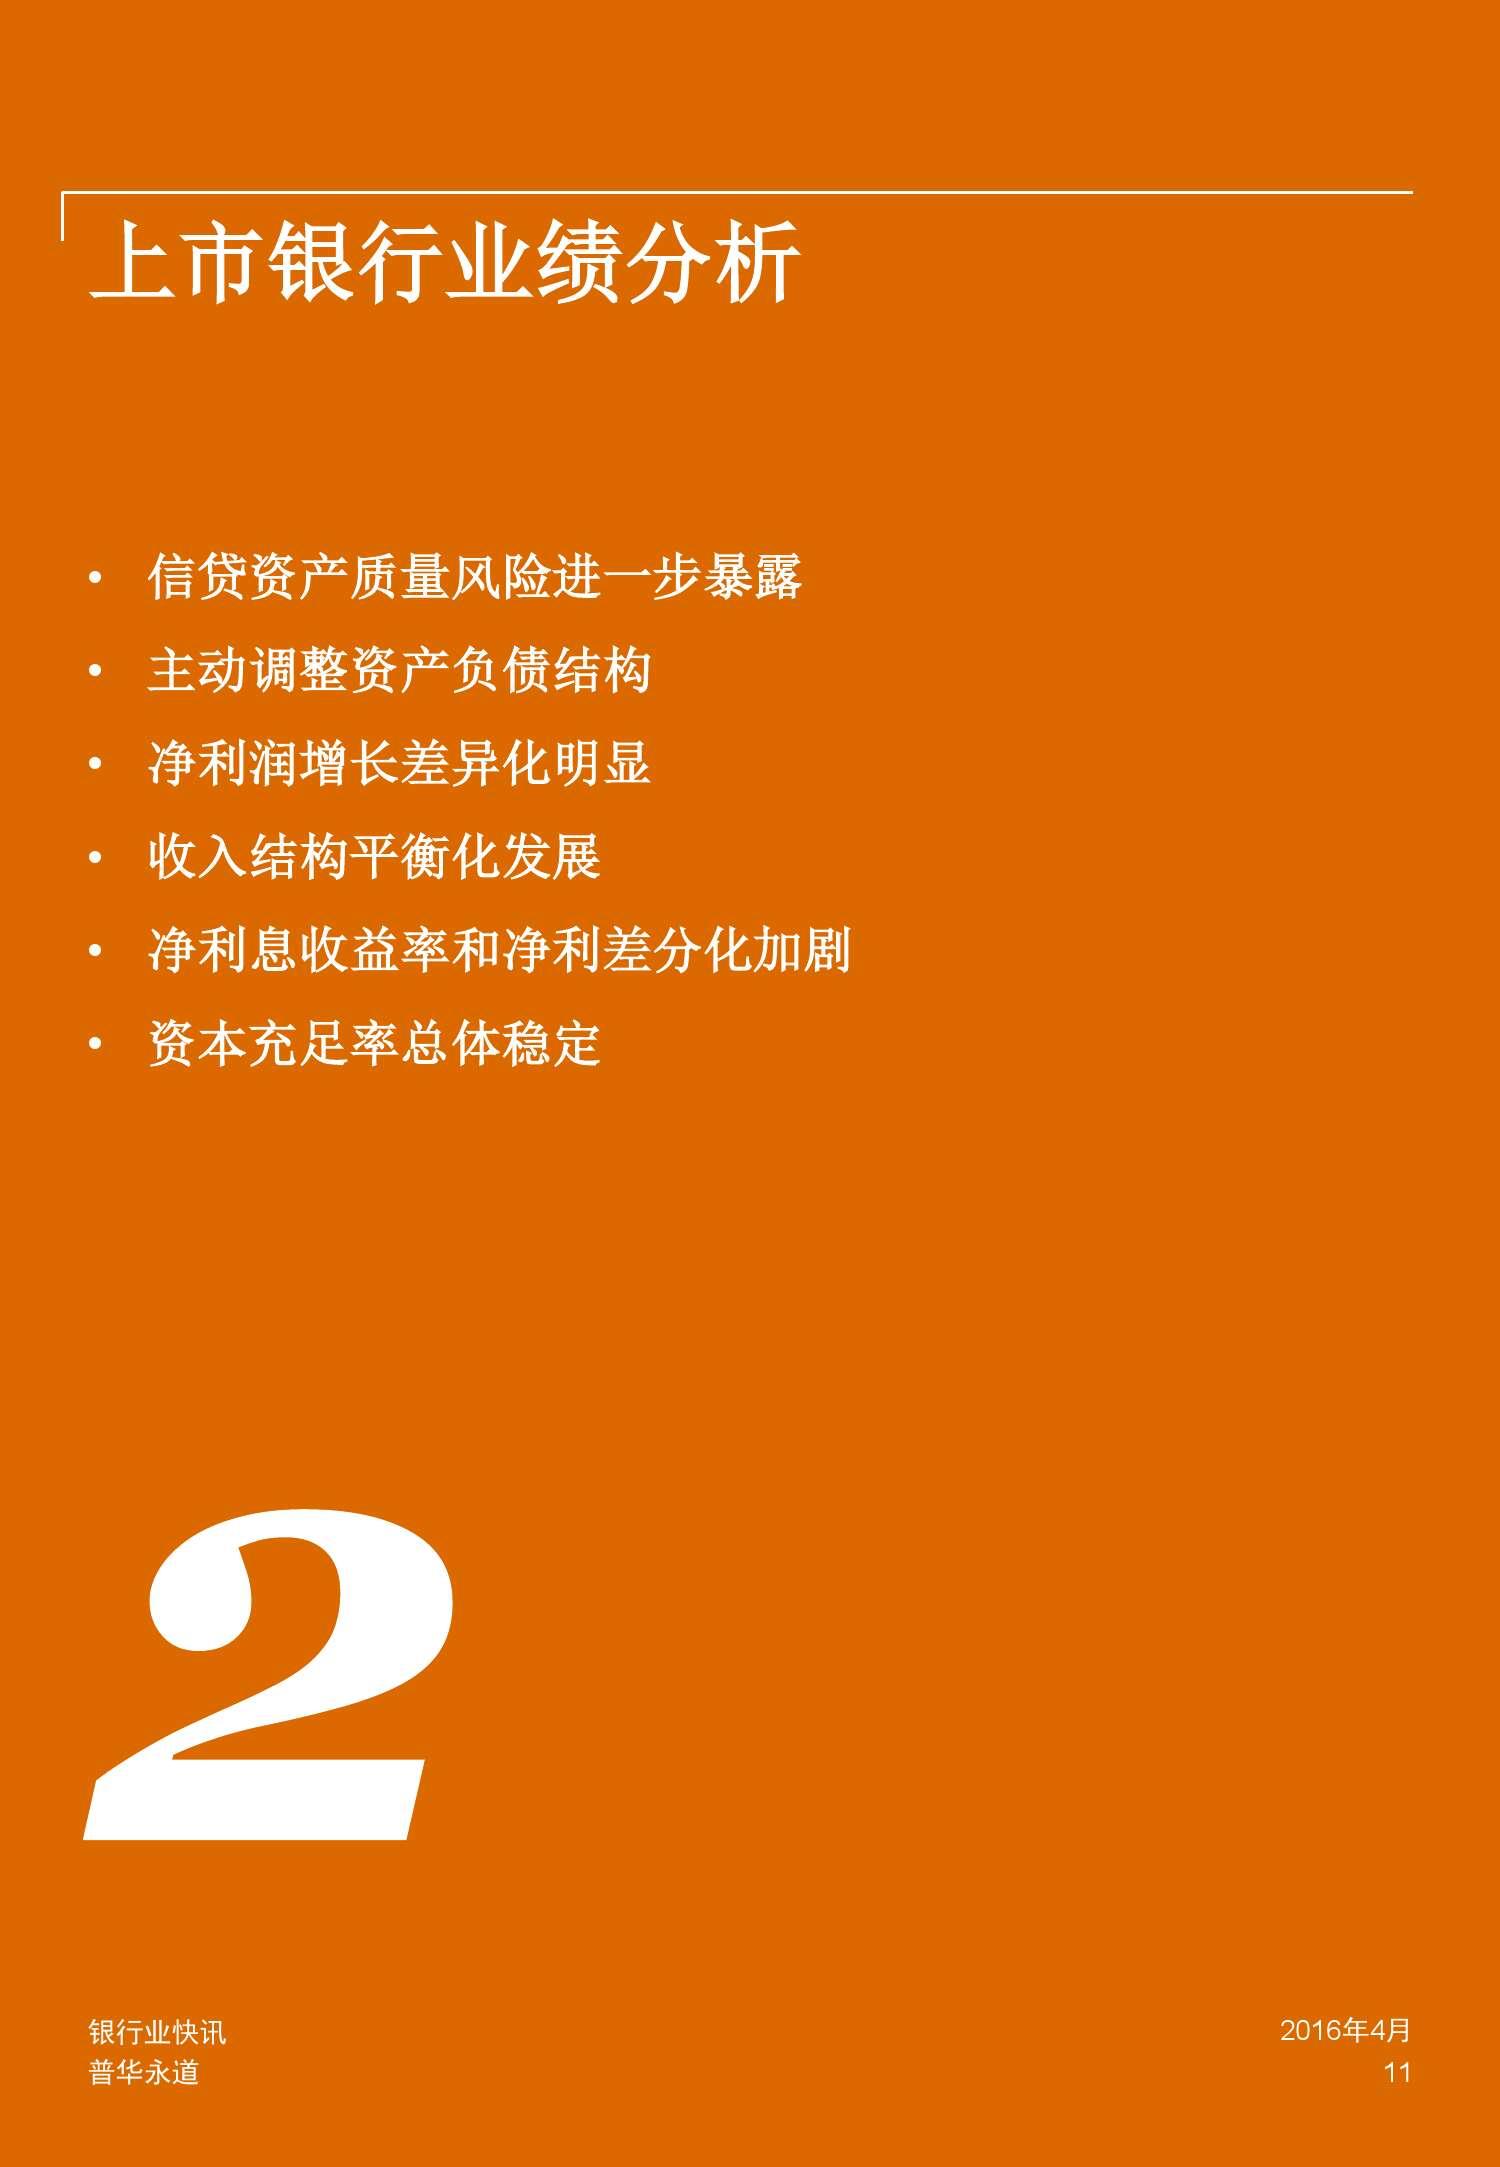 普华永道:2015年中国银行业回顾与展望_000011